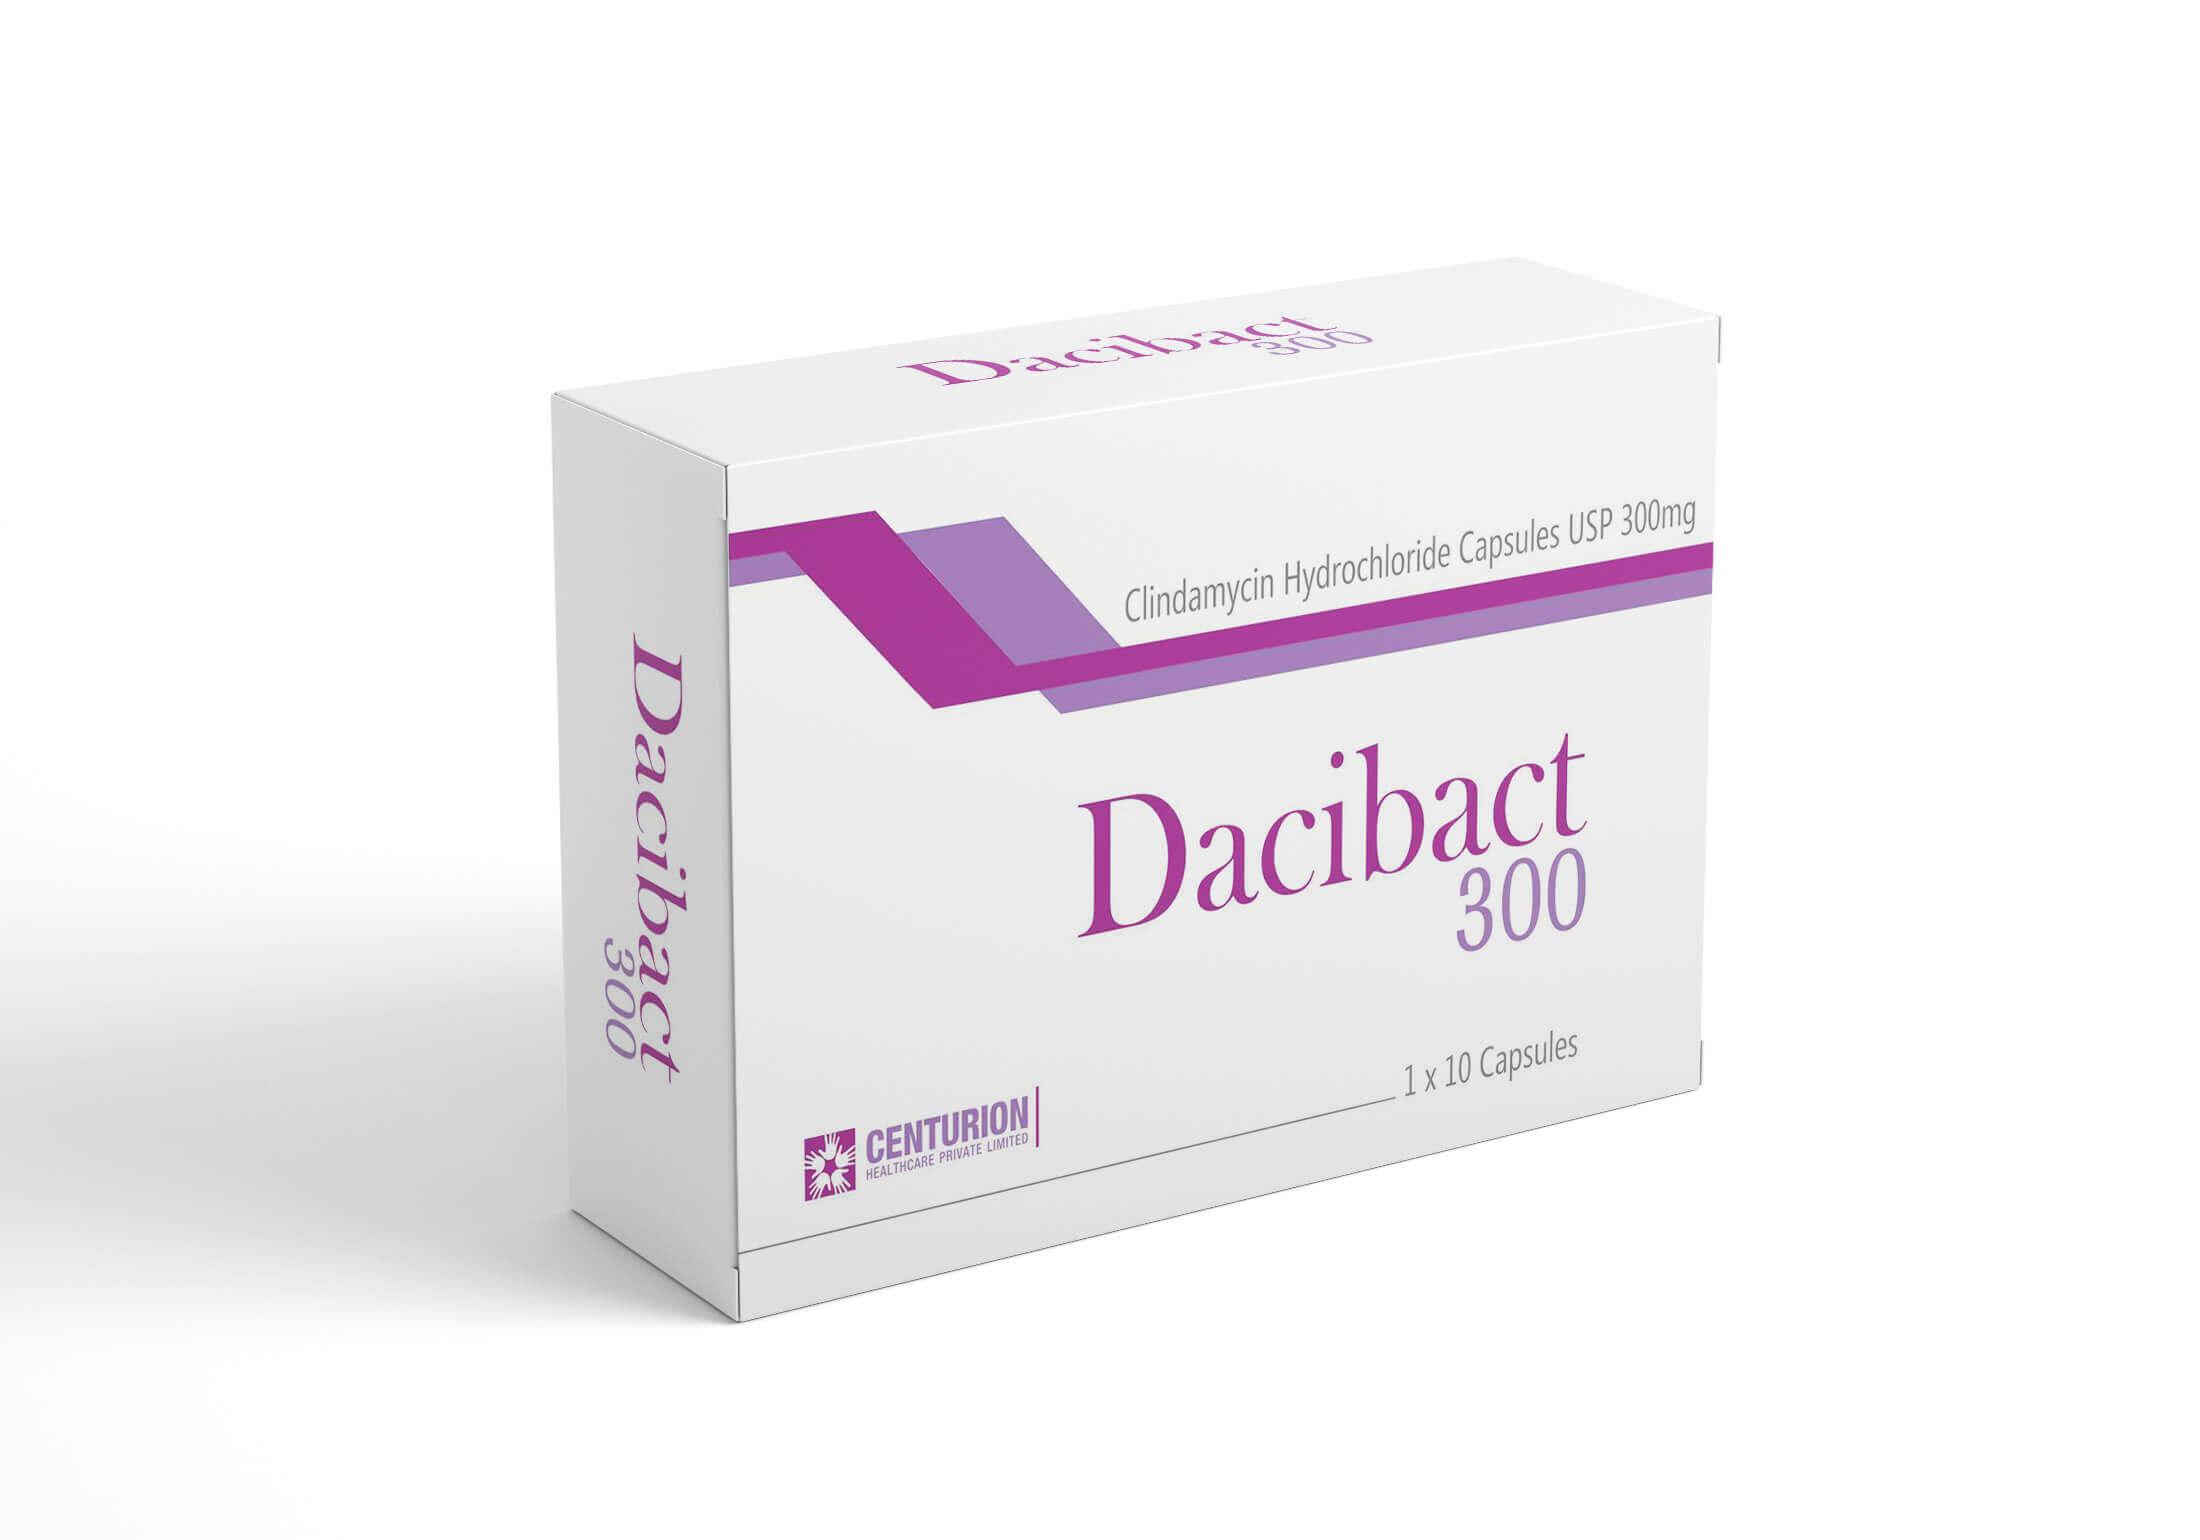 Dacibact 300